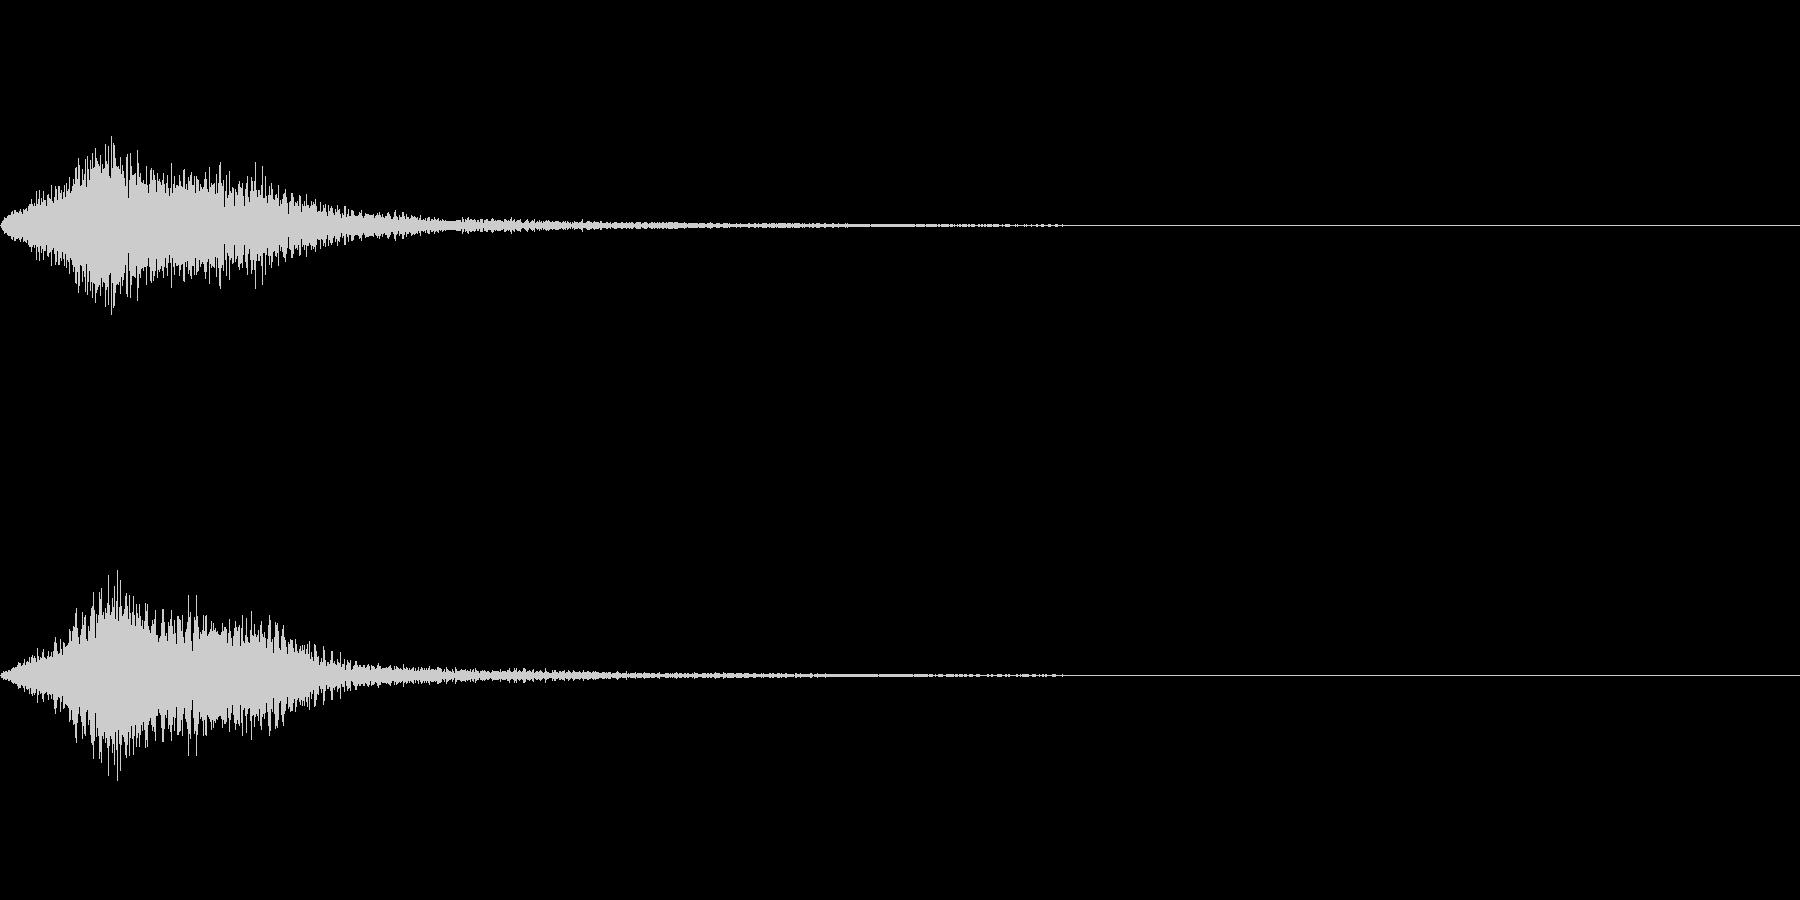 効果音 ホラー その2の未再生の波形